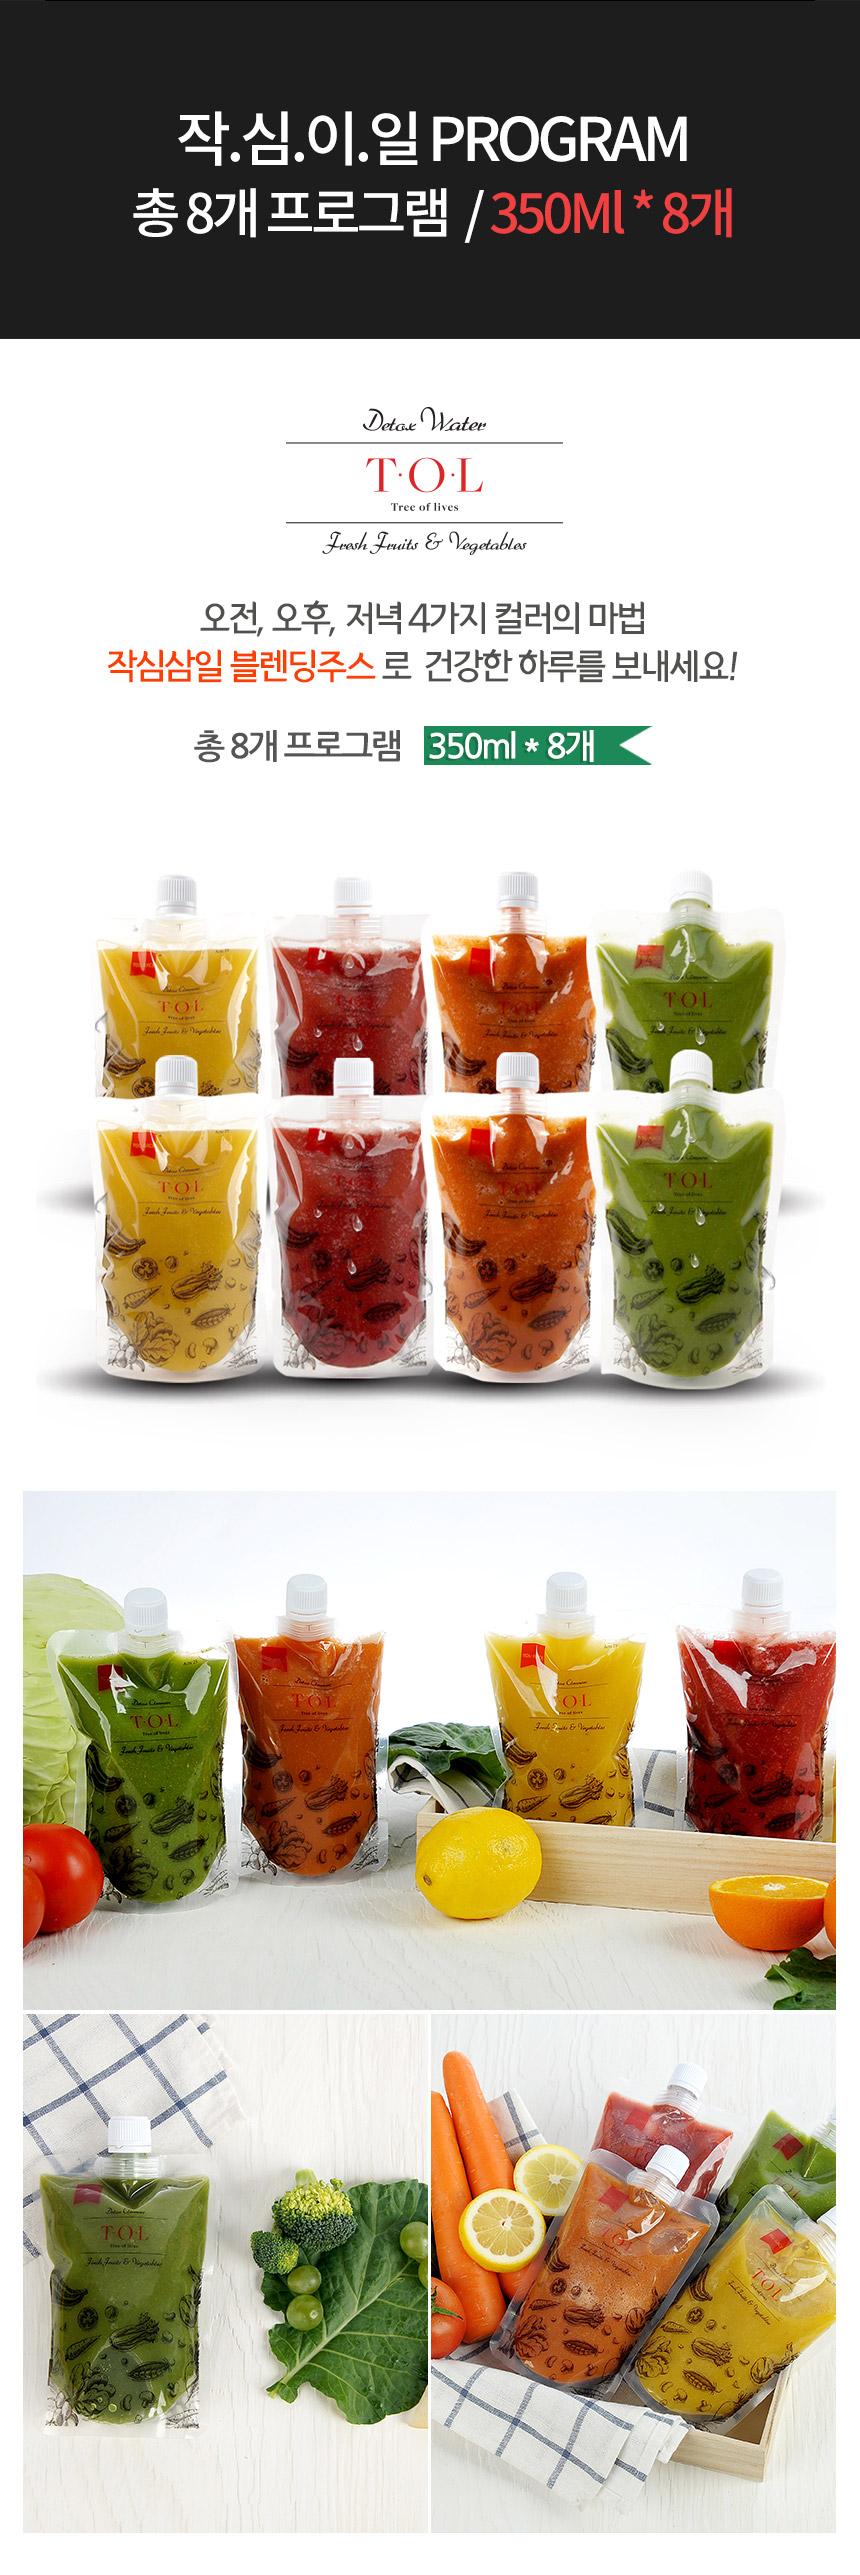 TOL-JUICE 작심이일 식생활개선 스무디(총8병) - 스무디, 27,000원, 다이어트식품, 다이어트보조식품